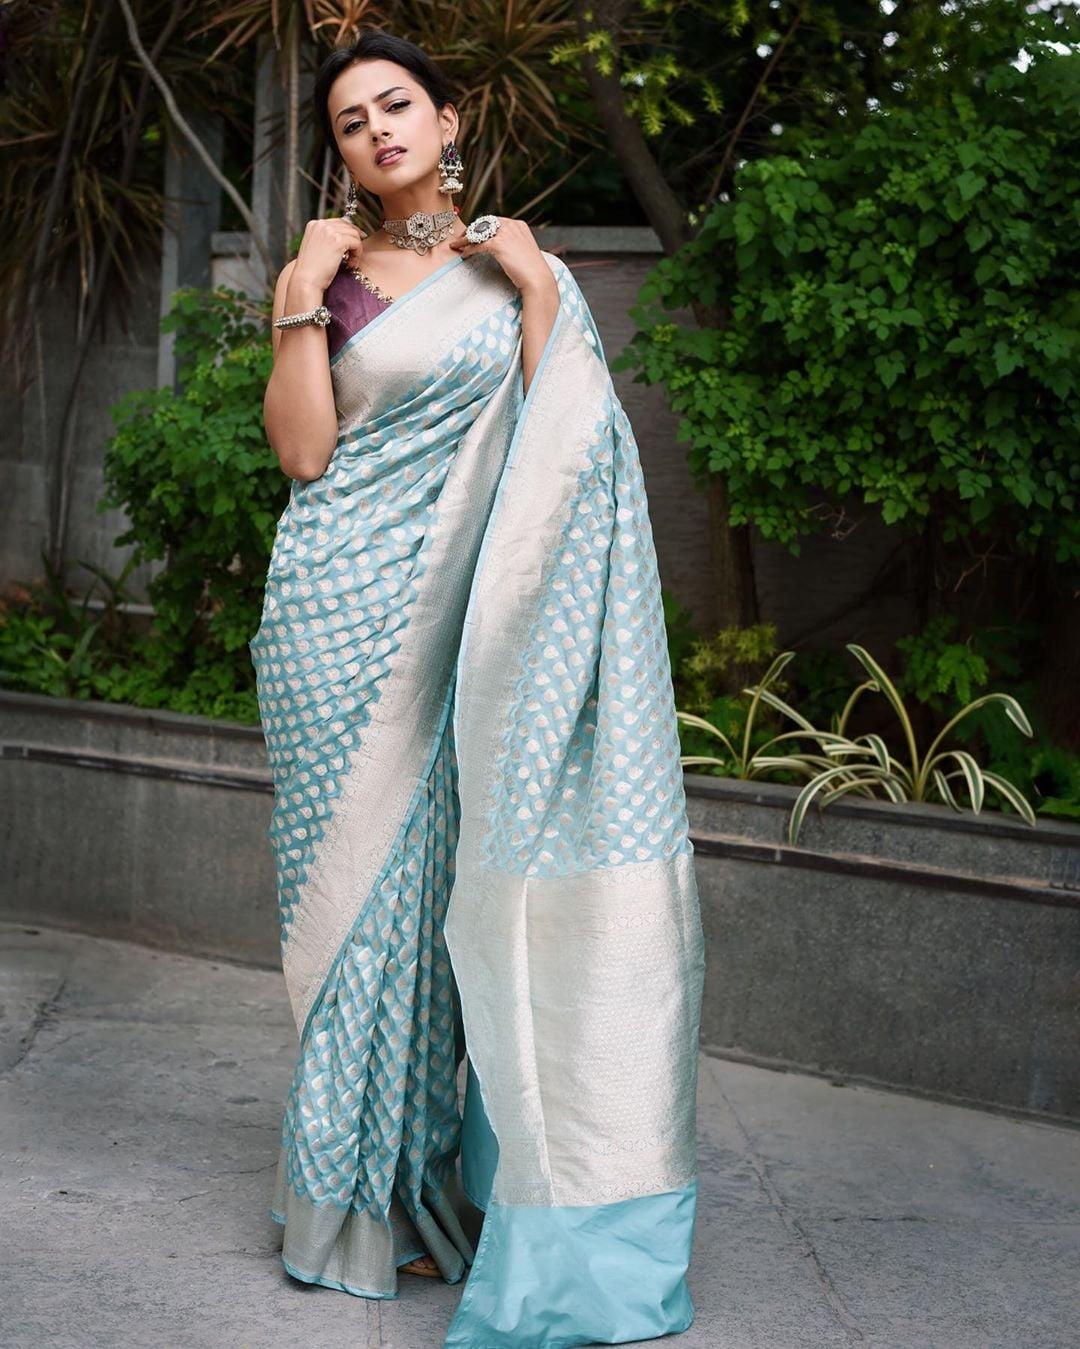 శ్రద్ధా శ్రీనాథ్ Photo: Instagram.com/shraddhasrinath